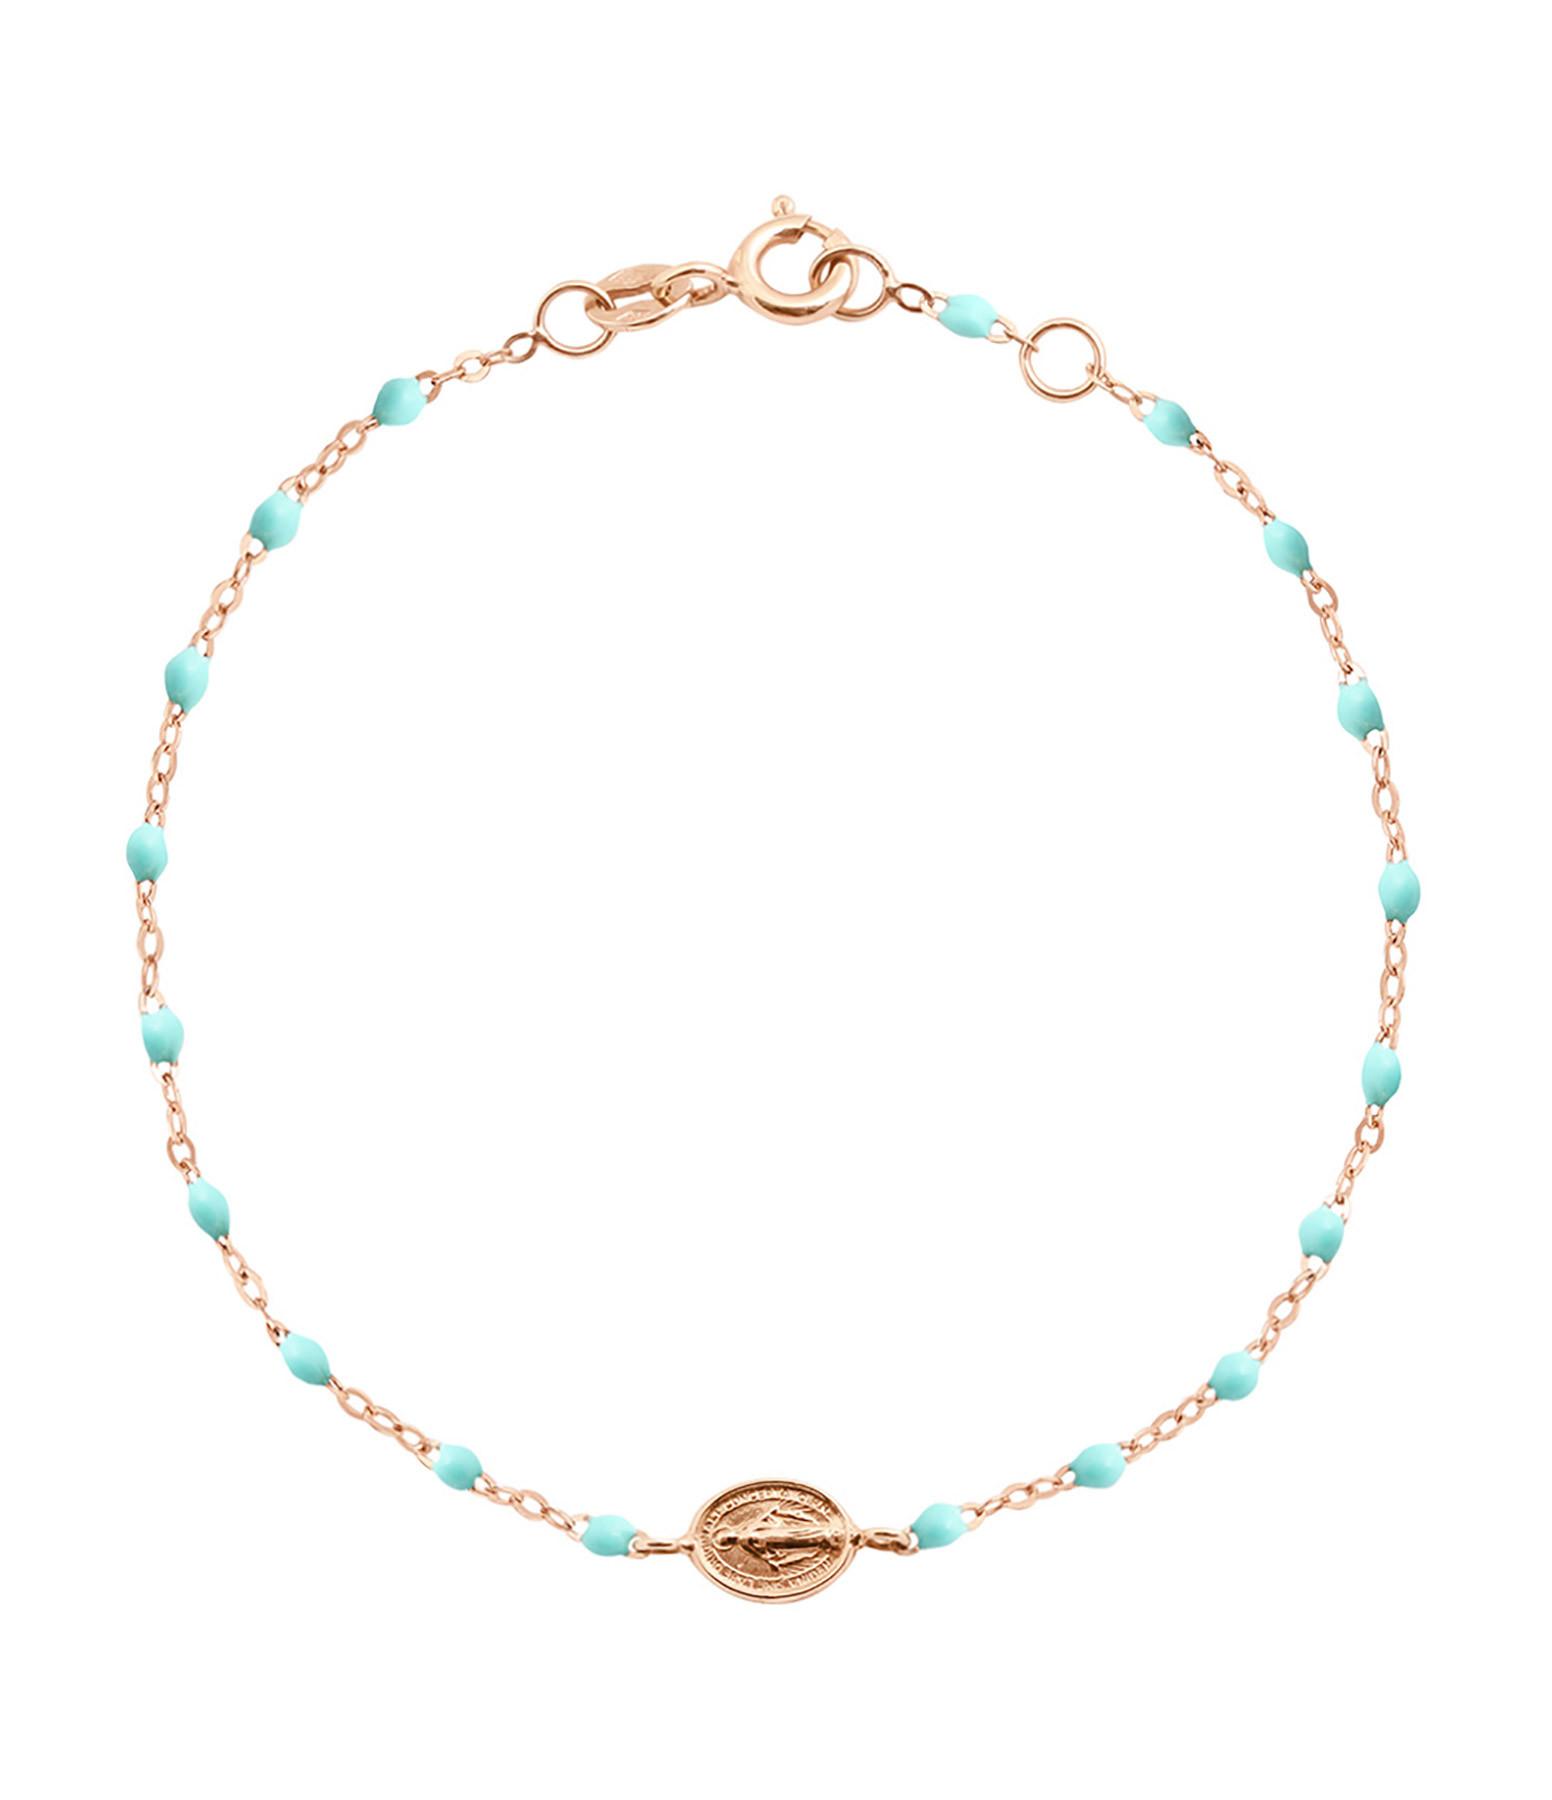 Bracelet Perles Résine Médaille Résine - GIGI CLOZEAU